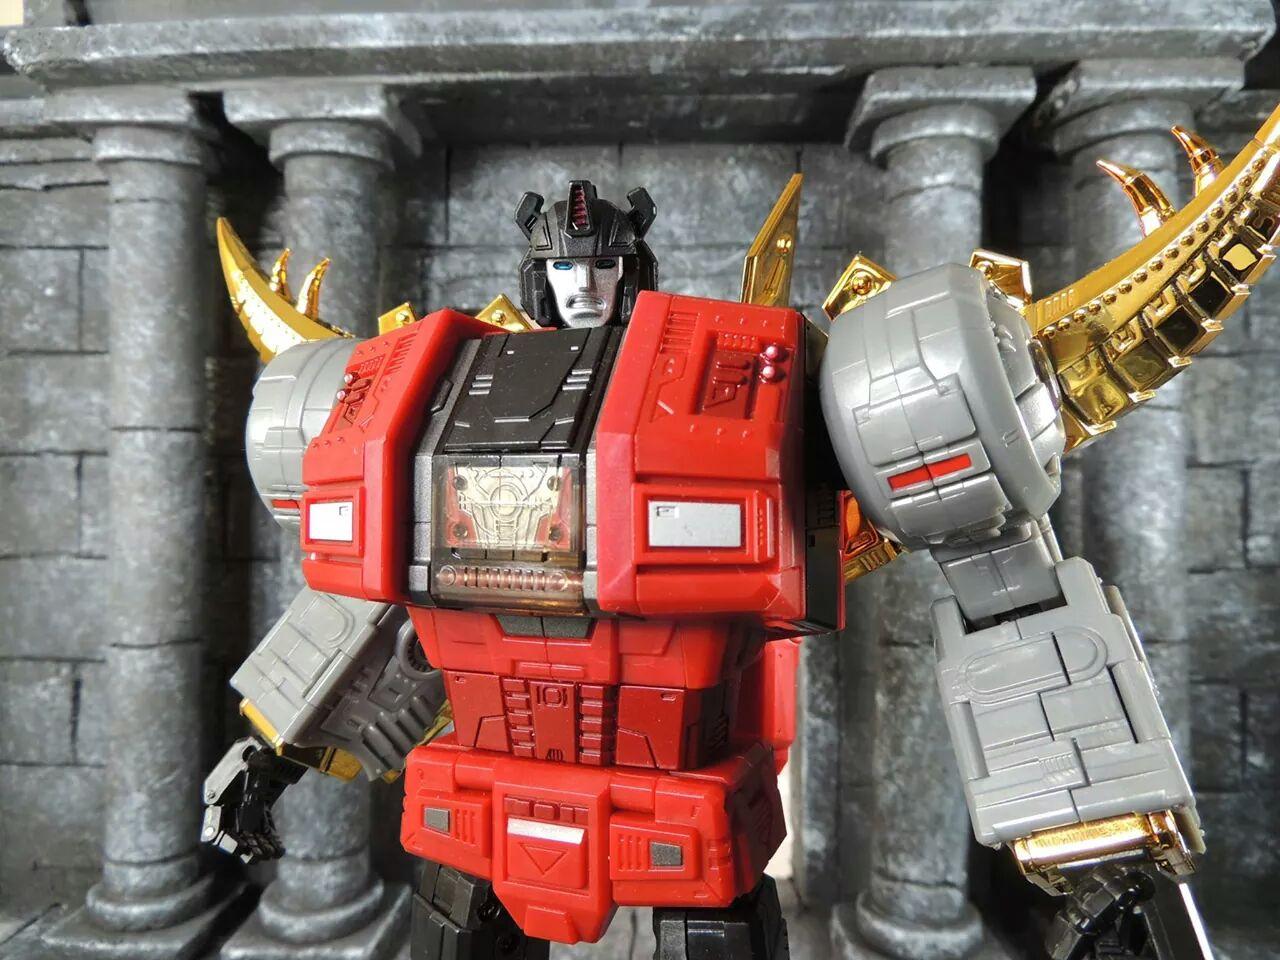 [Fanstoys] Produit Tiers - Dinobots - FT-04 Scoria, FT-05 Soar, FT-06 Sever, FT-07 Stomp, FT-08 Grinder - Page 4 NjDkSf7V